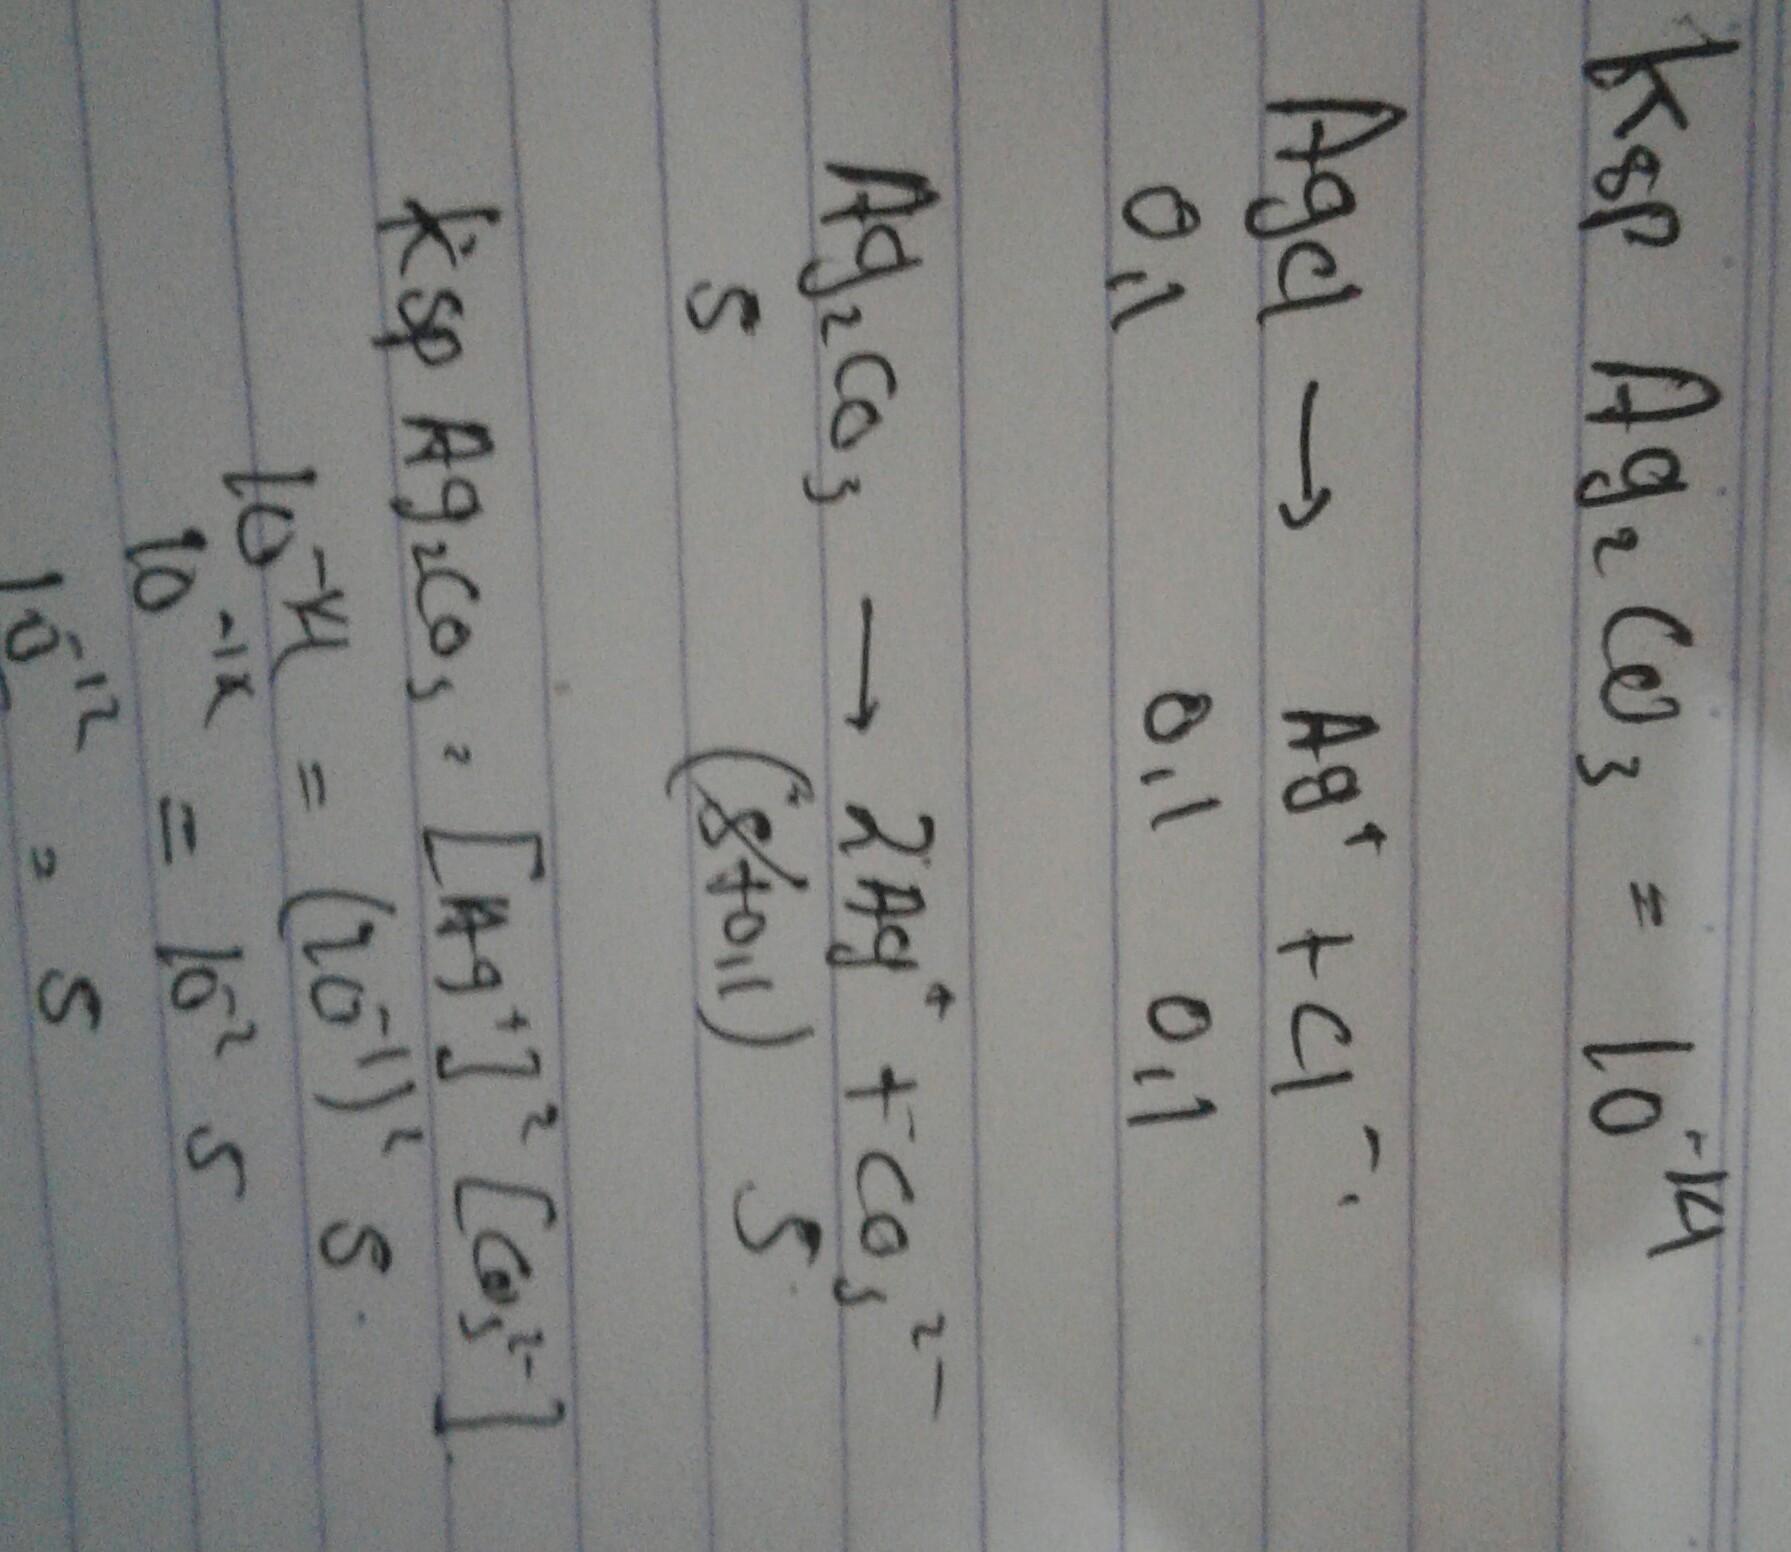 jika ksp Ag2CO3=1x10^-14 maka kelarutan Ag2CO3 dalam Agcl ...